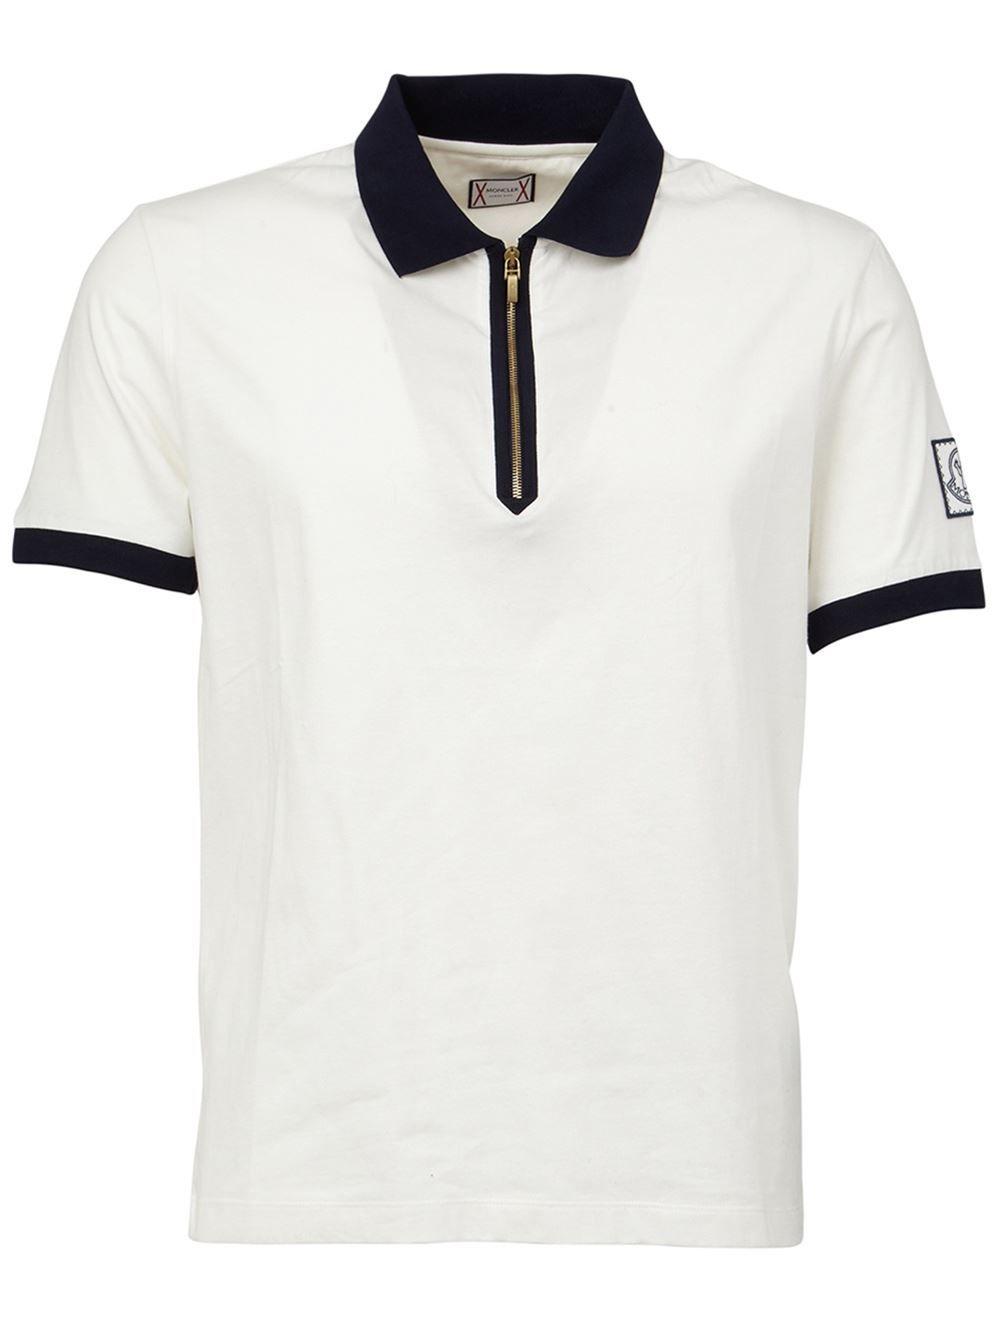 b6e8e3db04c Moncler Gamme Bleu zip polo shirt